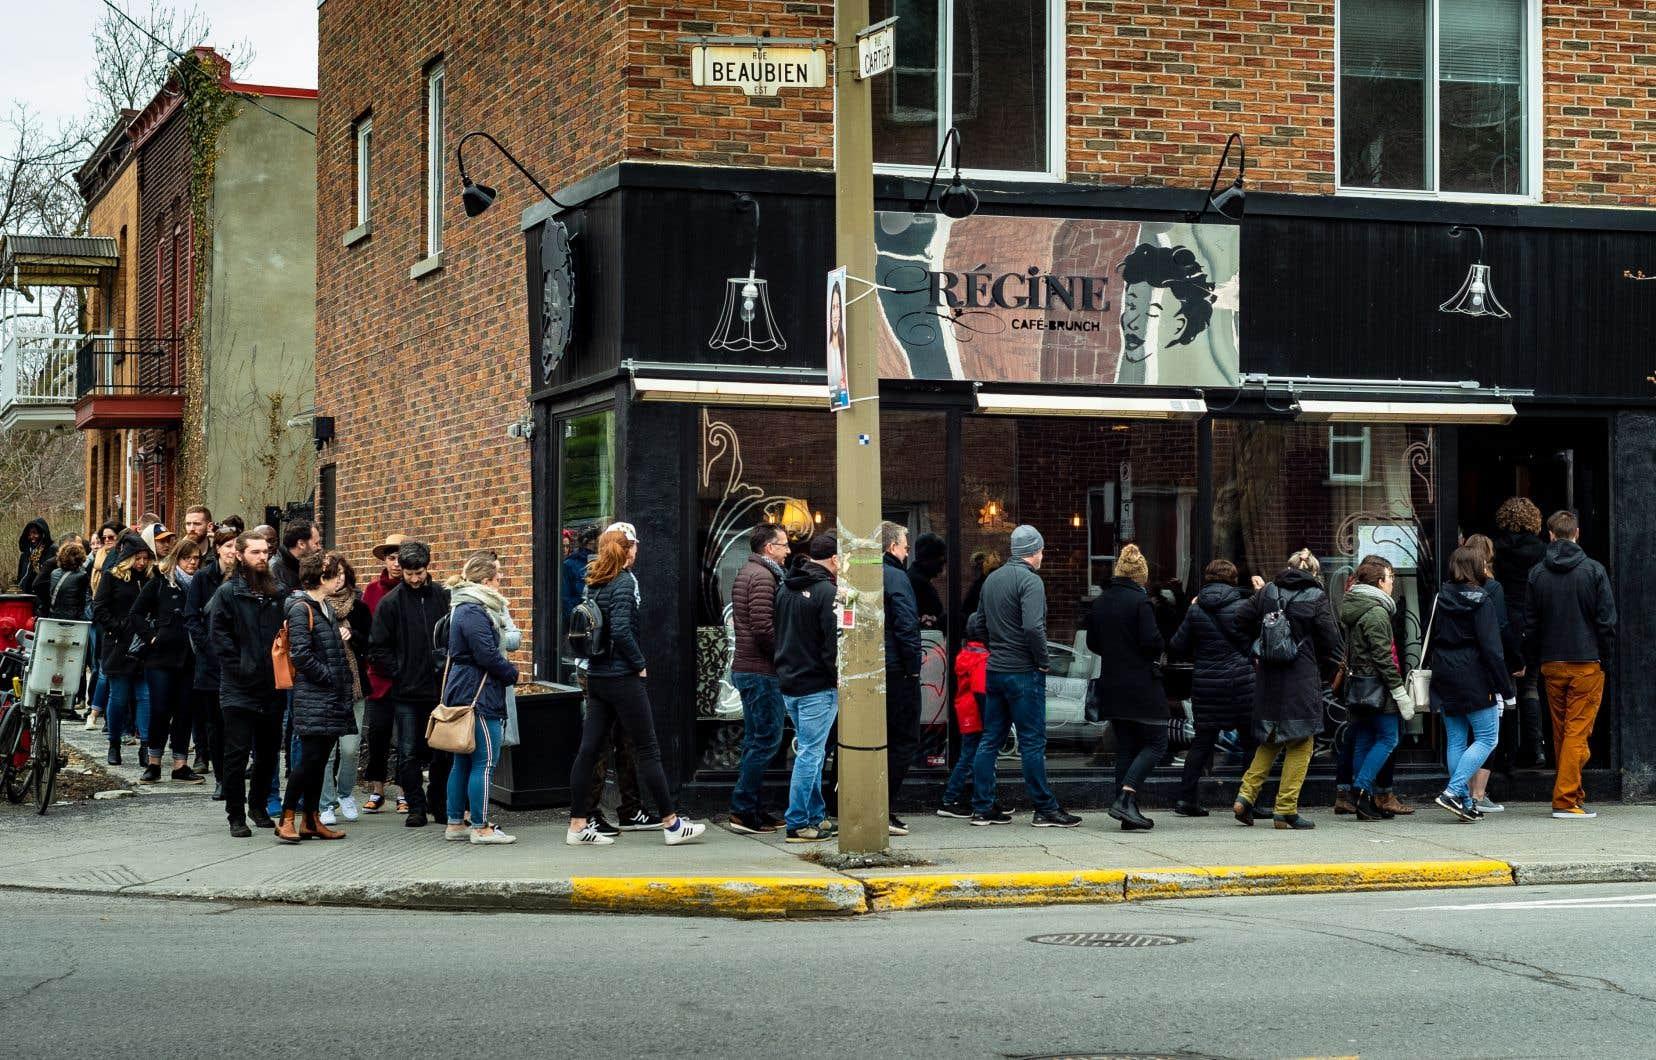 Chaque fin de semaine, les gens s'alignent avant l'ouverture du café Régine, rue Beaubien à Montréal, très prisé pour ses brunchs fastes.